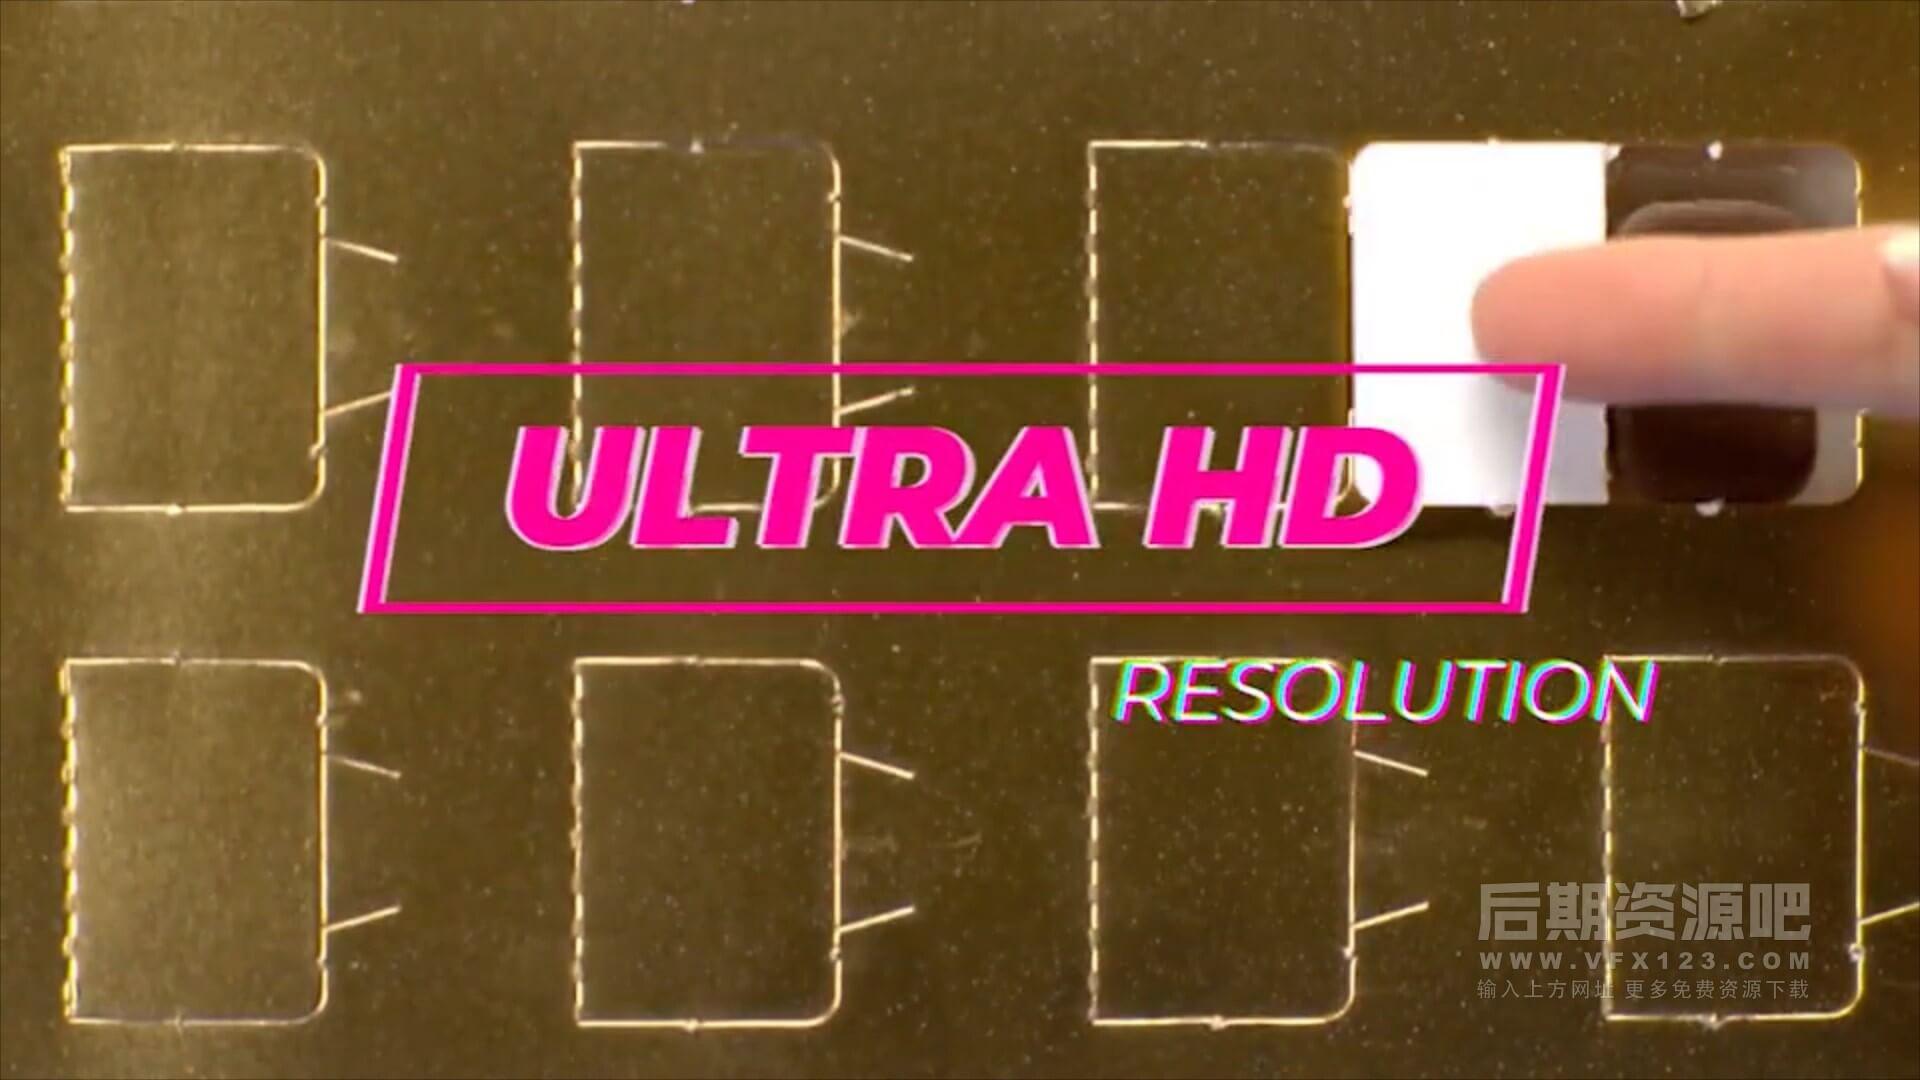 Fcpx标题插件 复古风格旧电影录像文字标题干扰杂波色彩分离特效预设 | MAC影视后期资源站